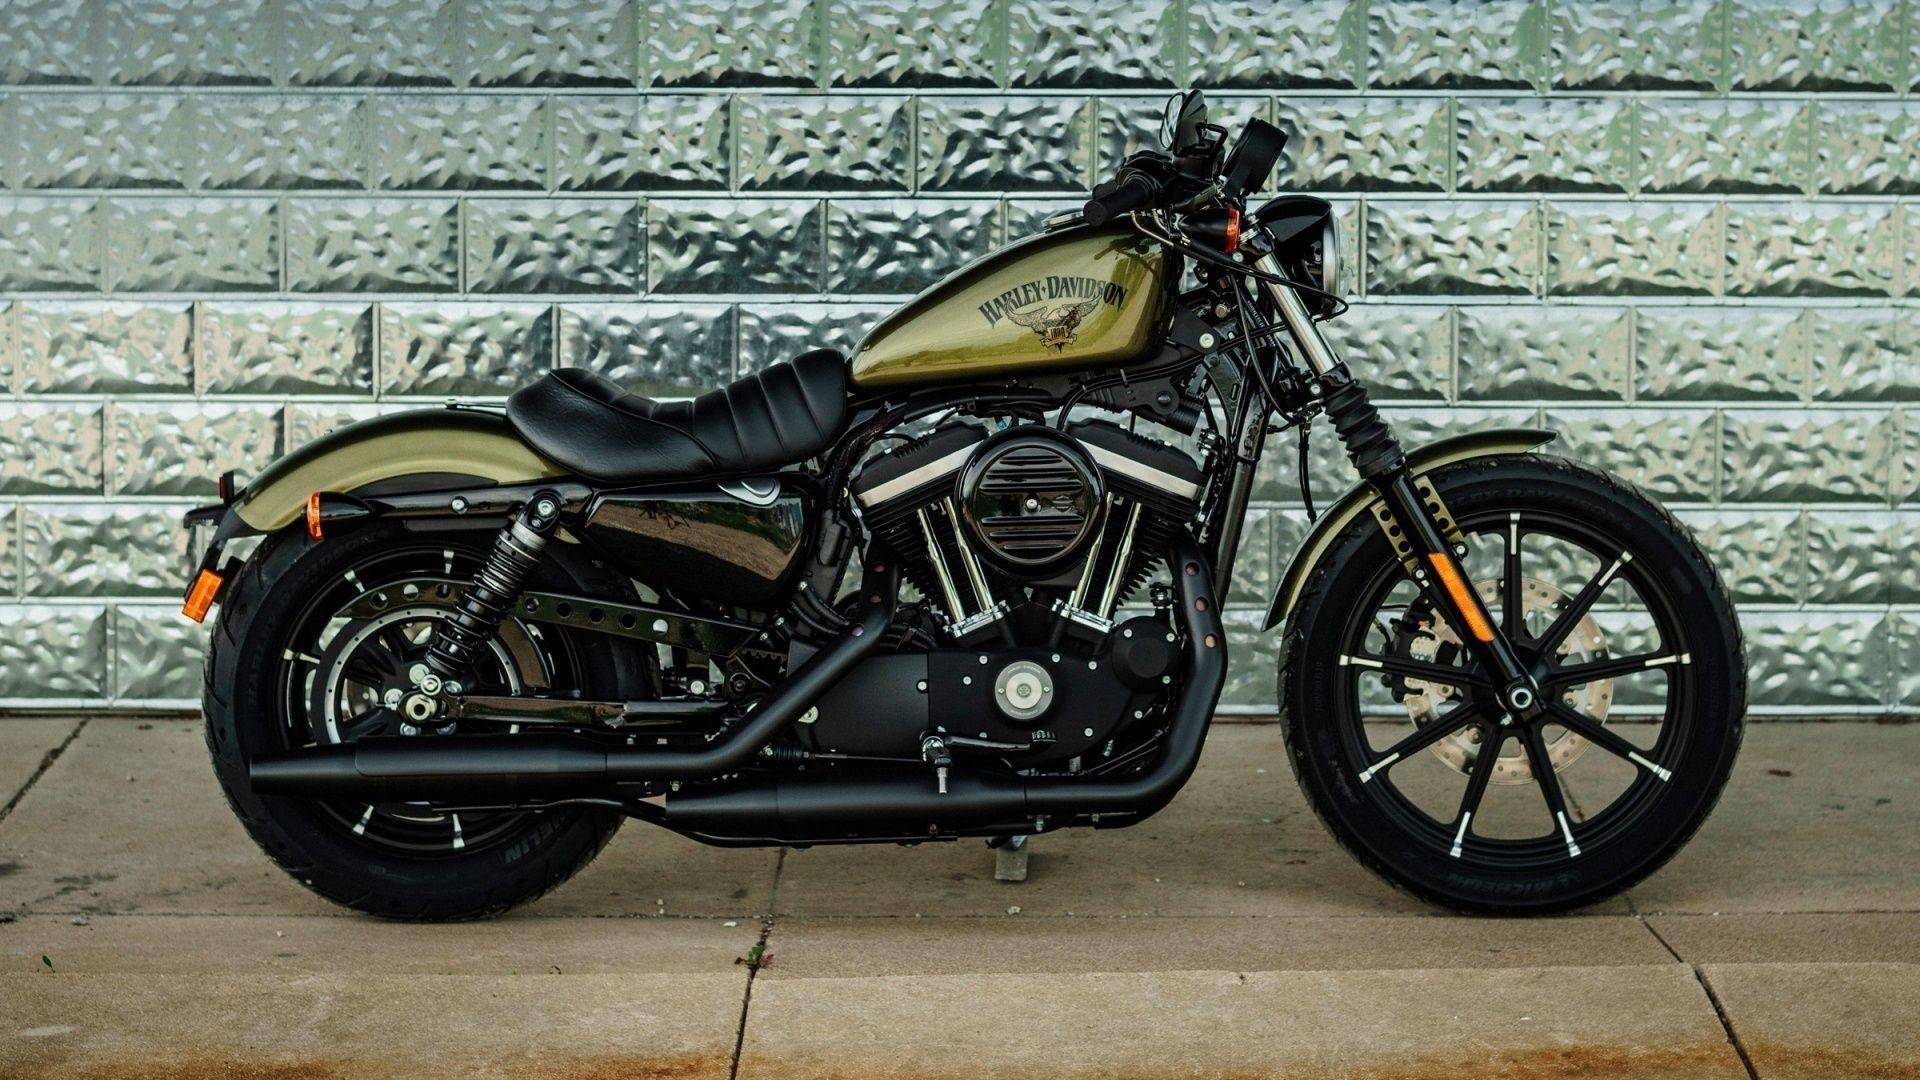 Wallpaper 2018 Harley Davidson Iron 883 (69+ Images